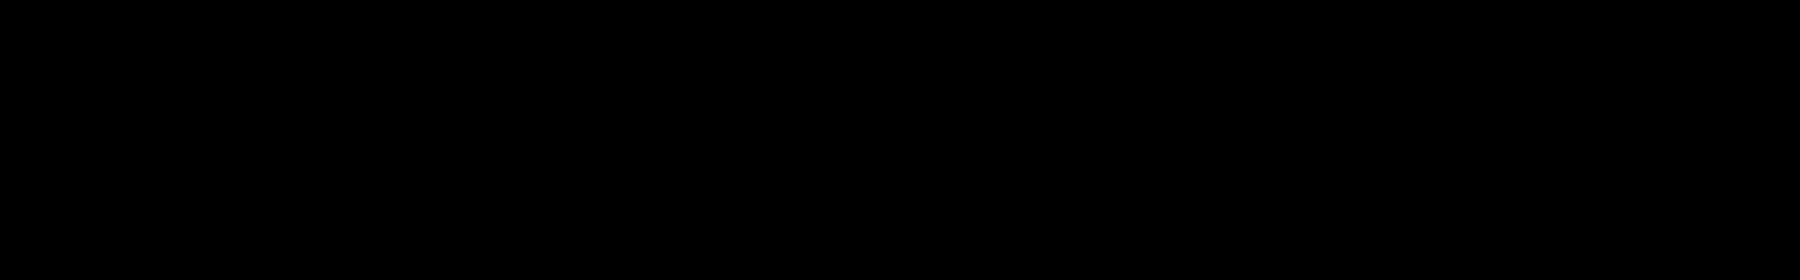 classic chiptune audio waveform